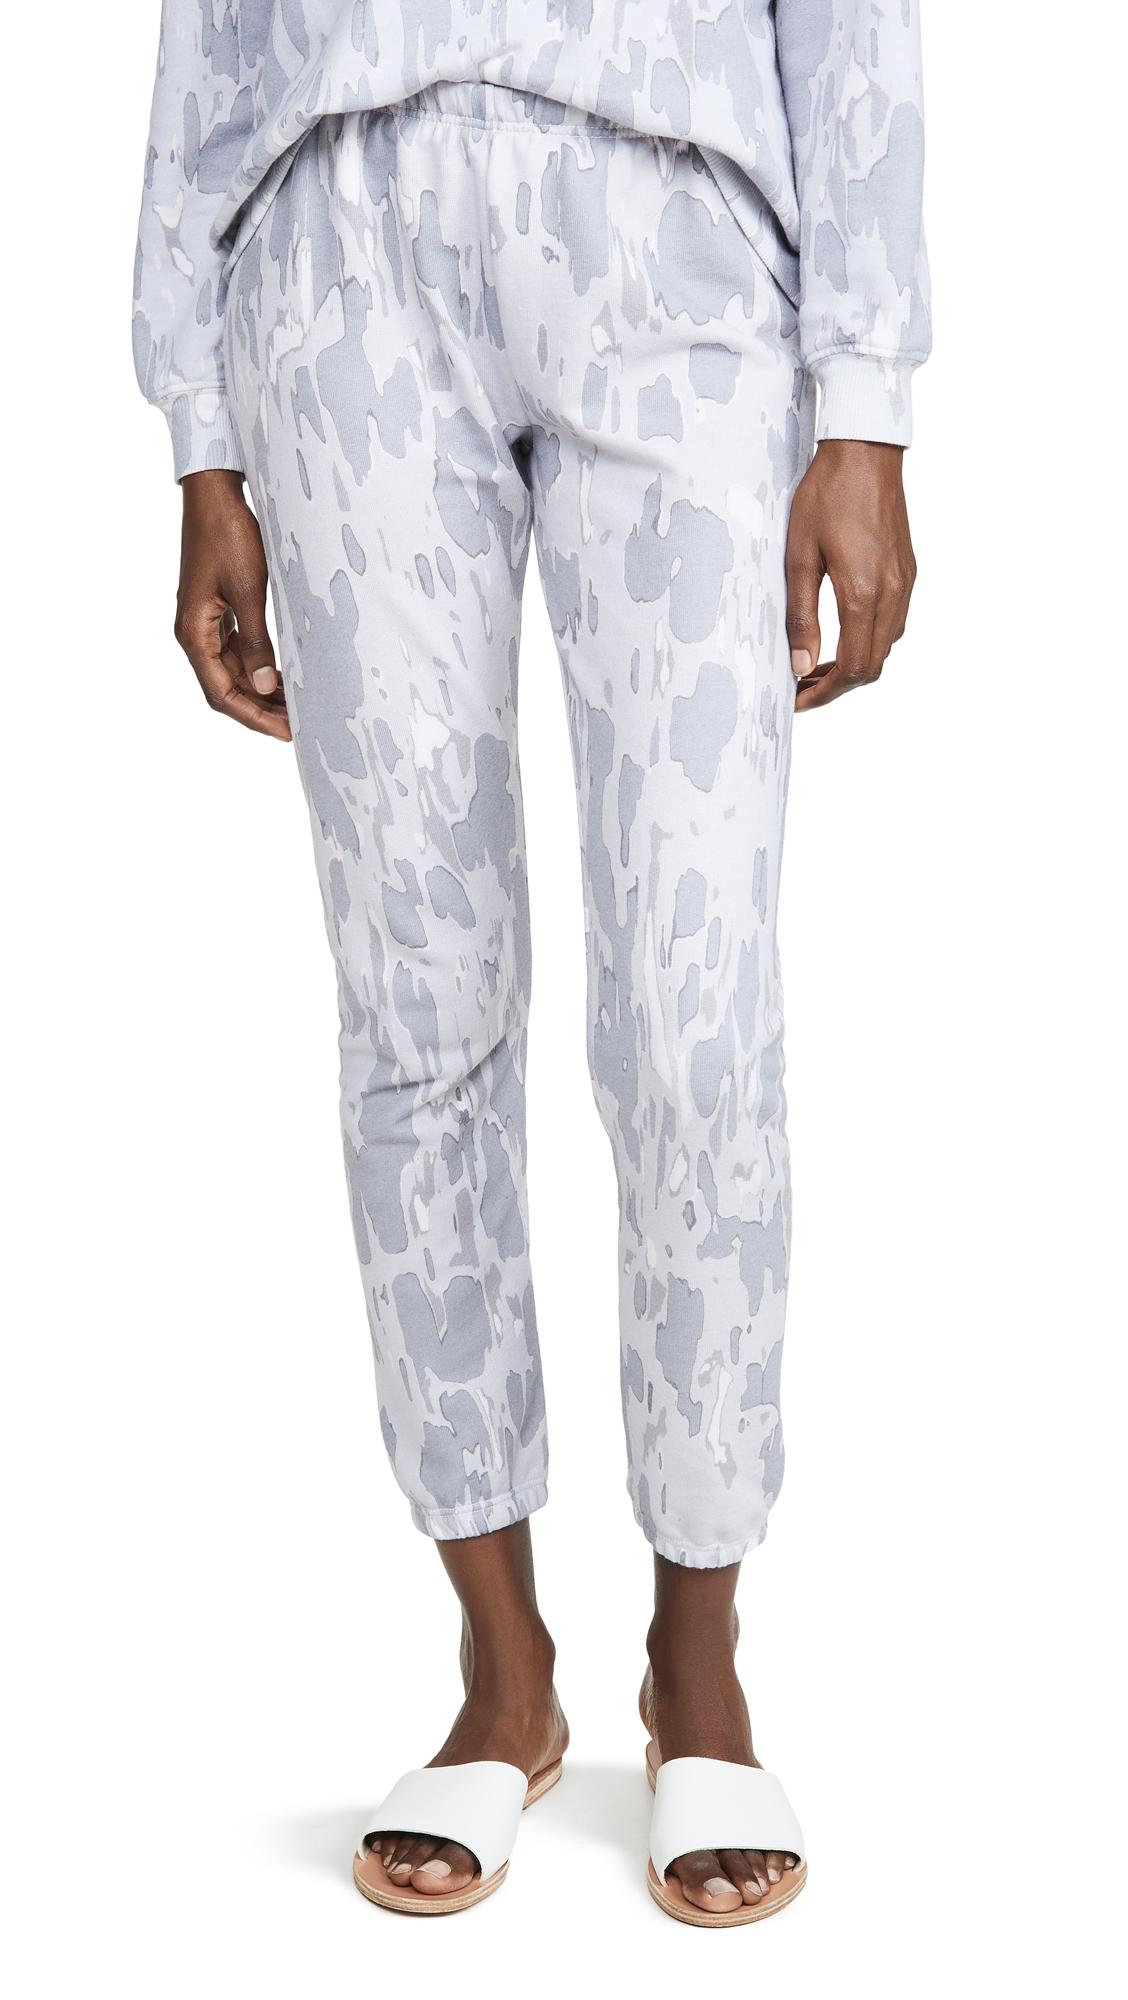 Wildfox Camo Sweatpants In Multi Colored